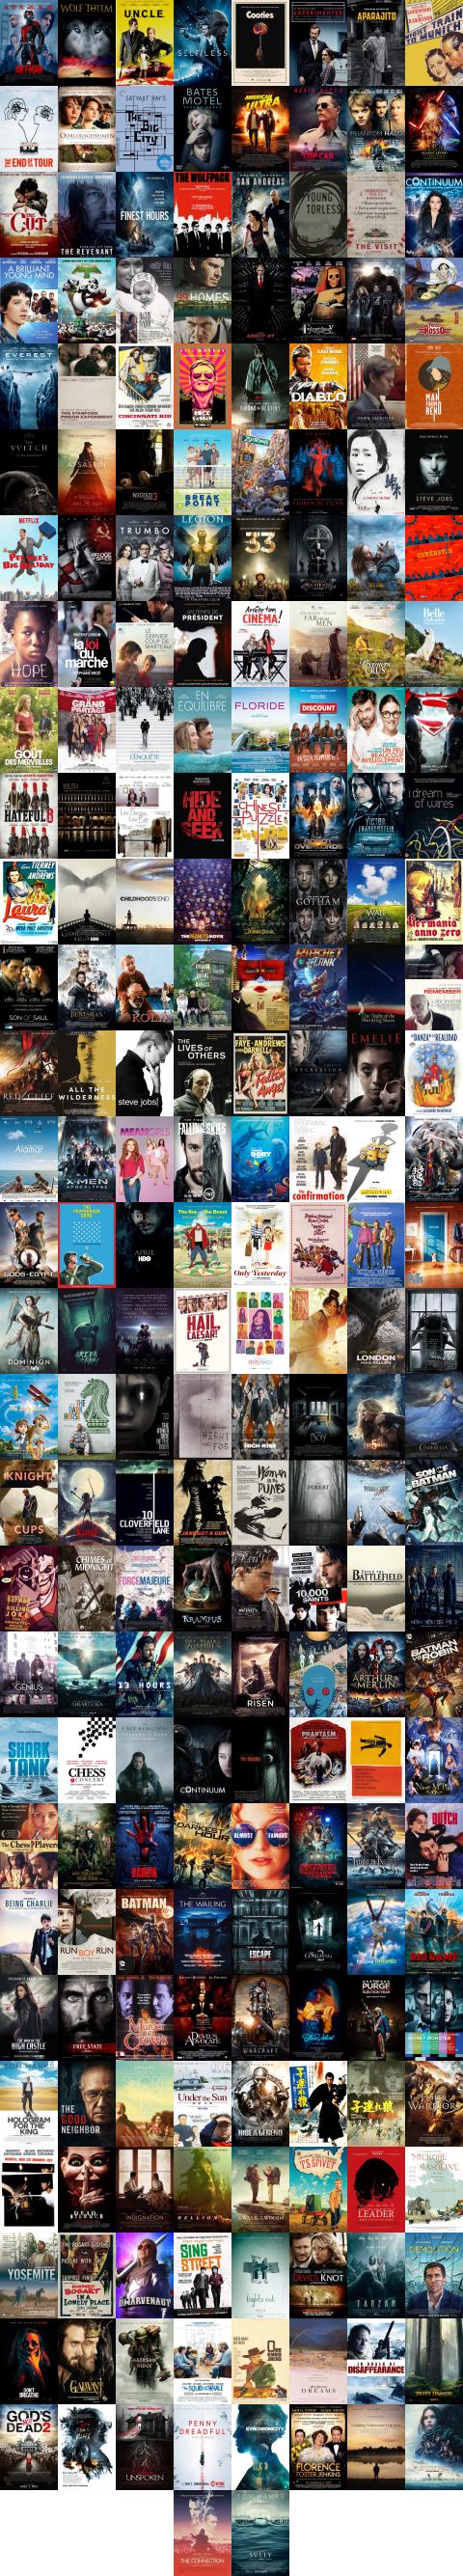 Movies 2016